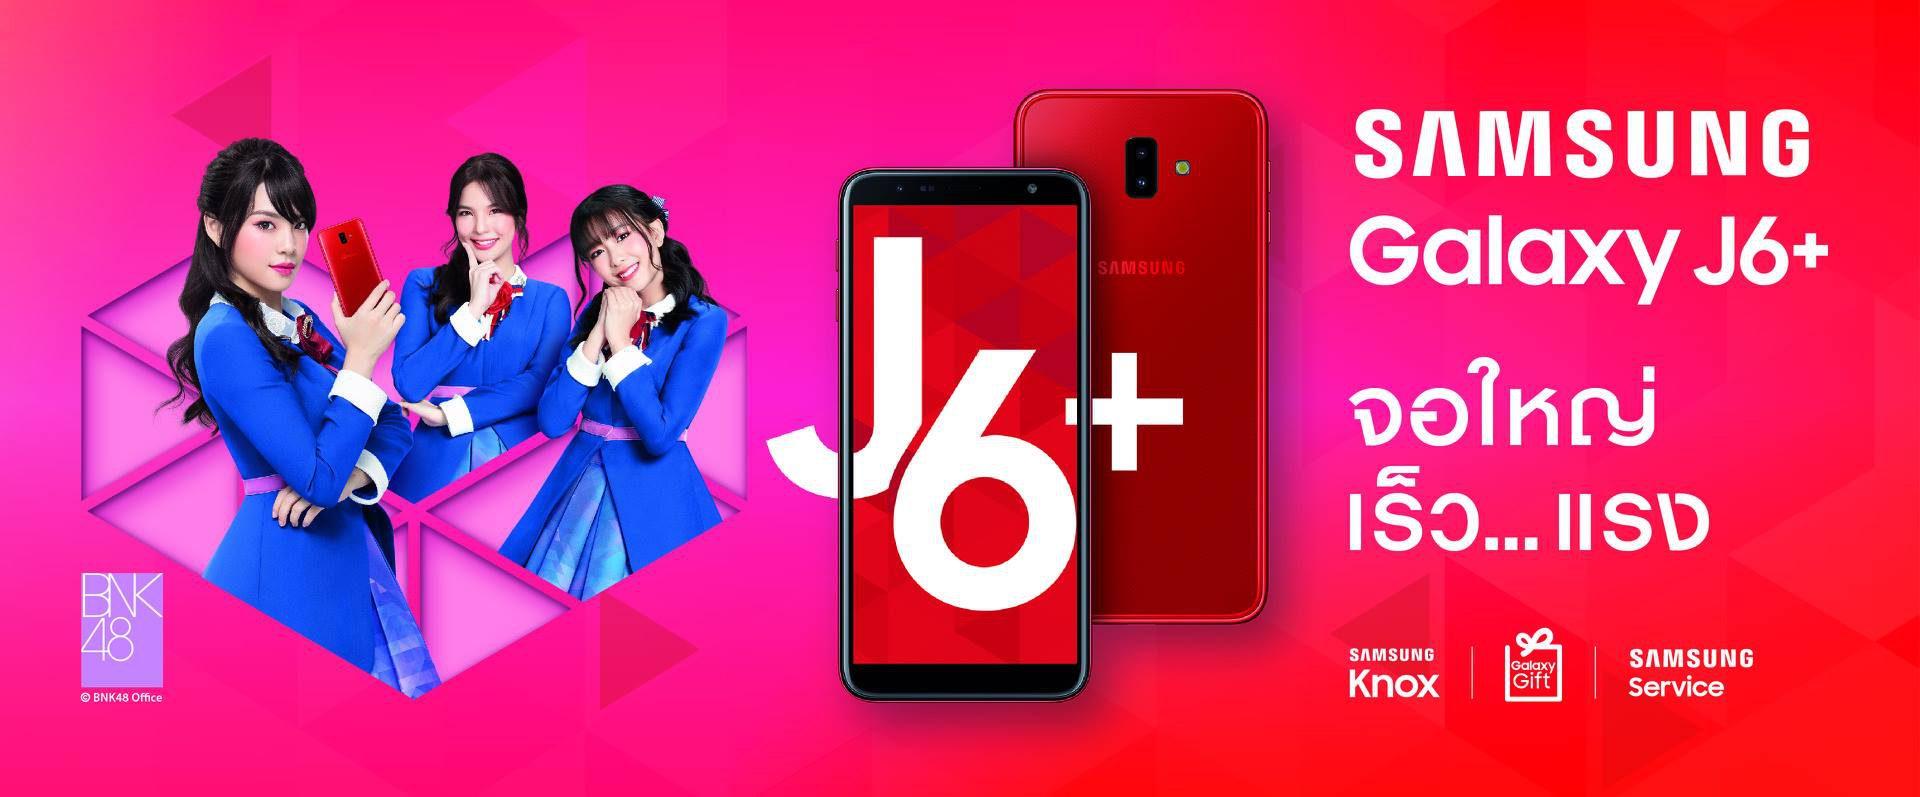 Galaxy J6+ X BNK48